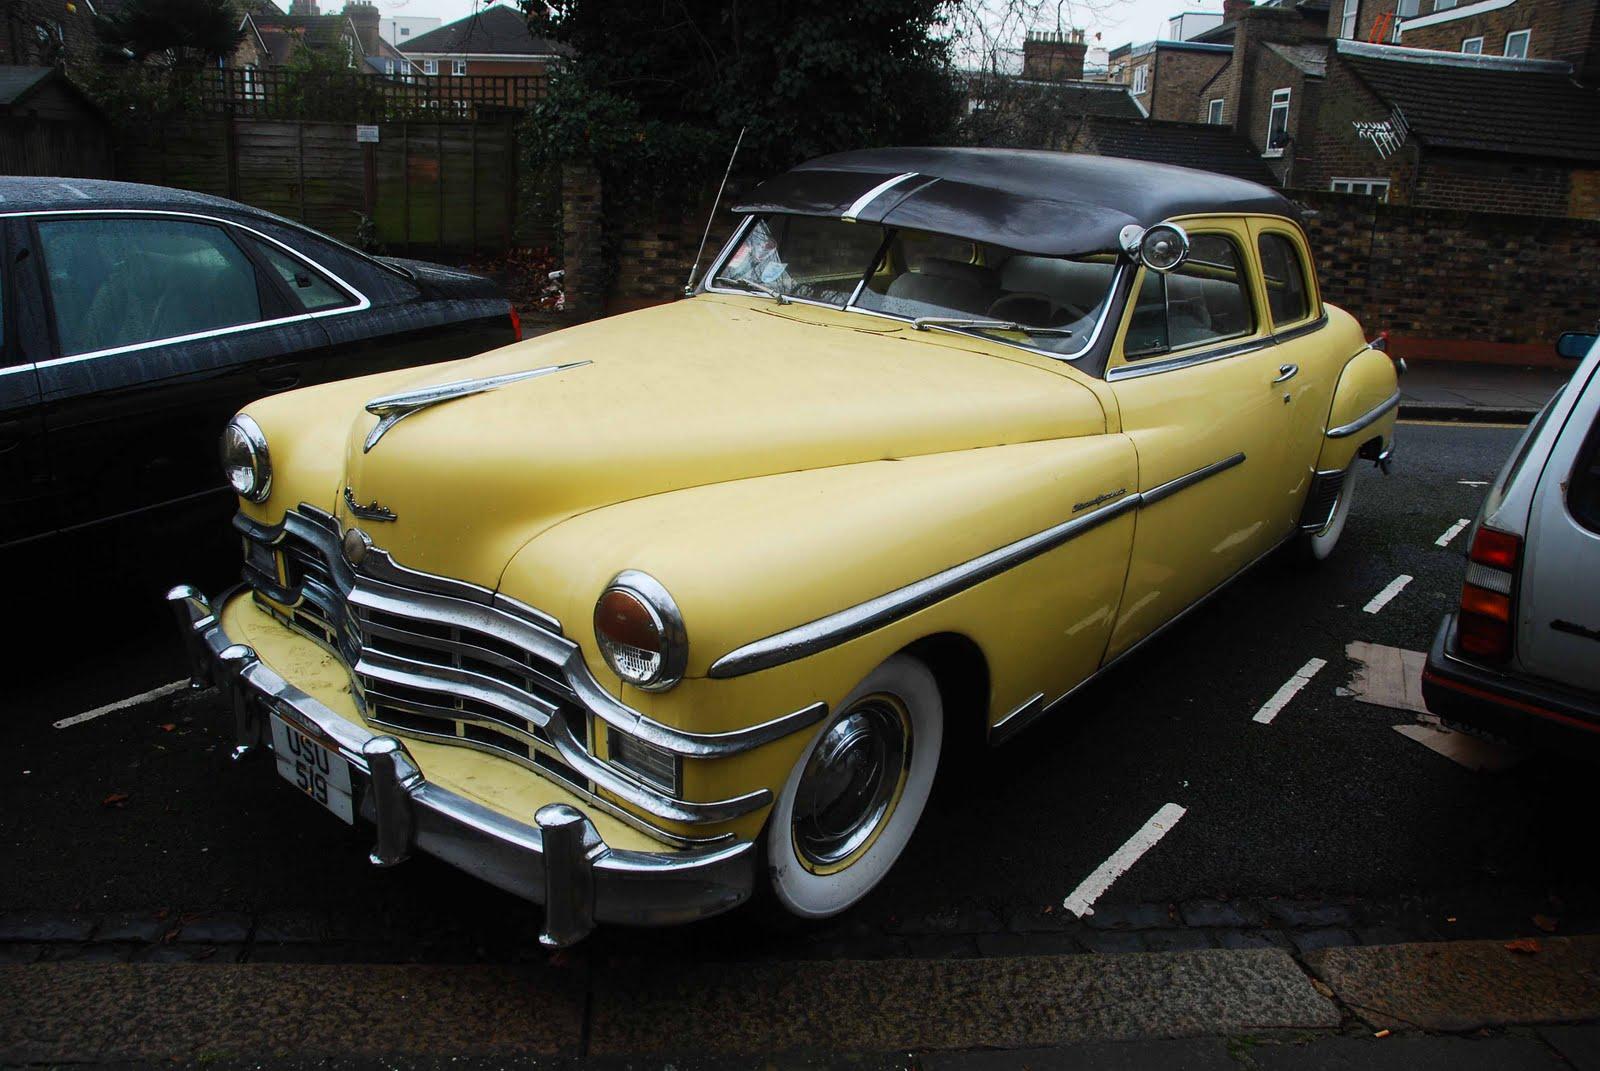 W-wa Jeziorki: Classic cars, West Ealing